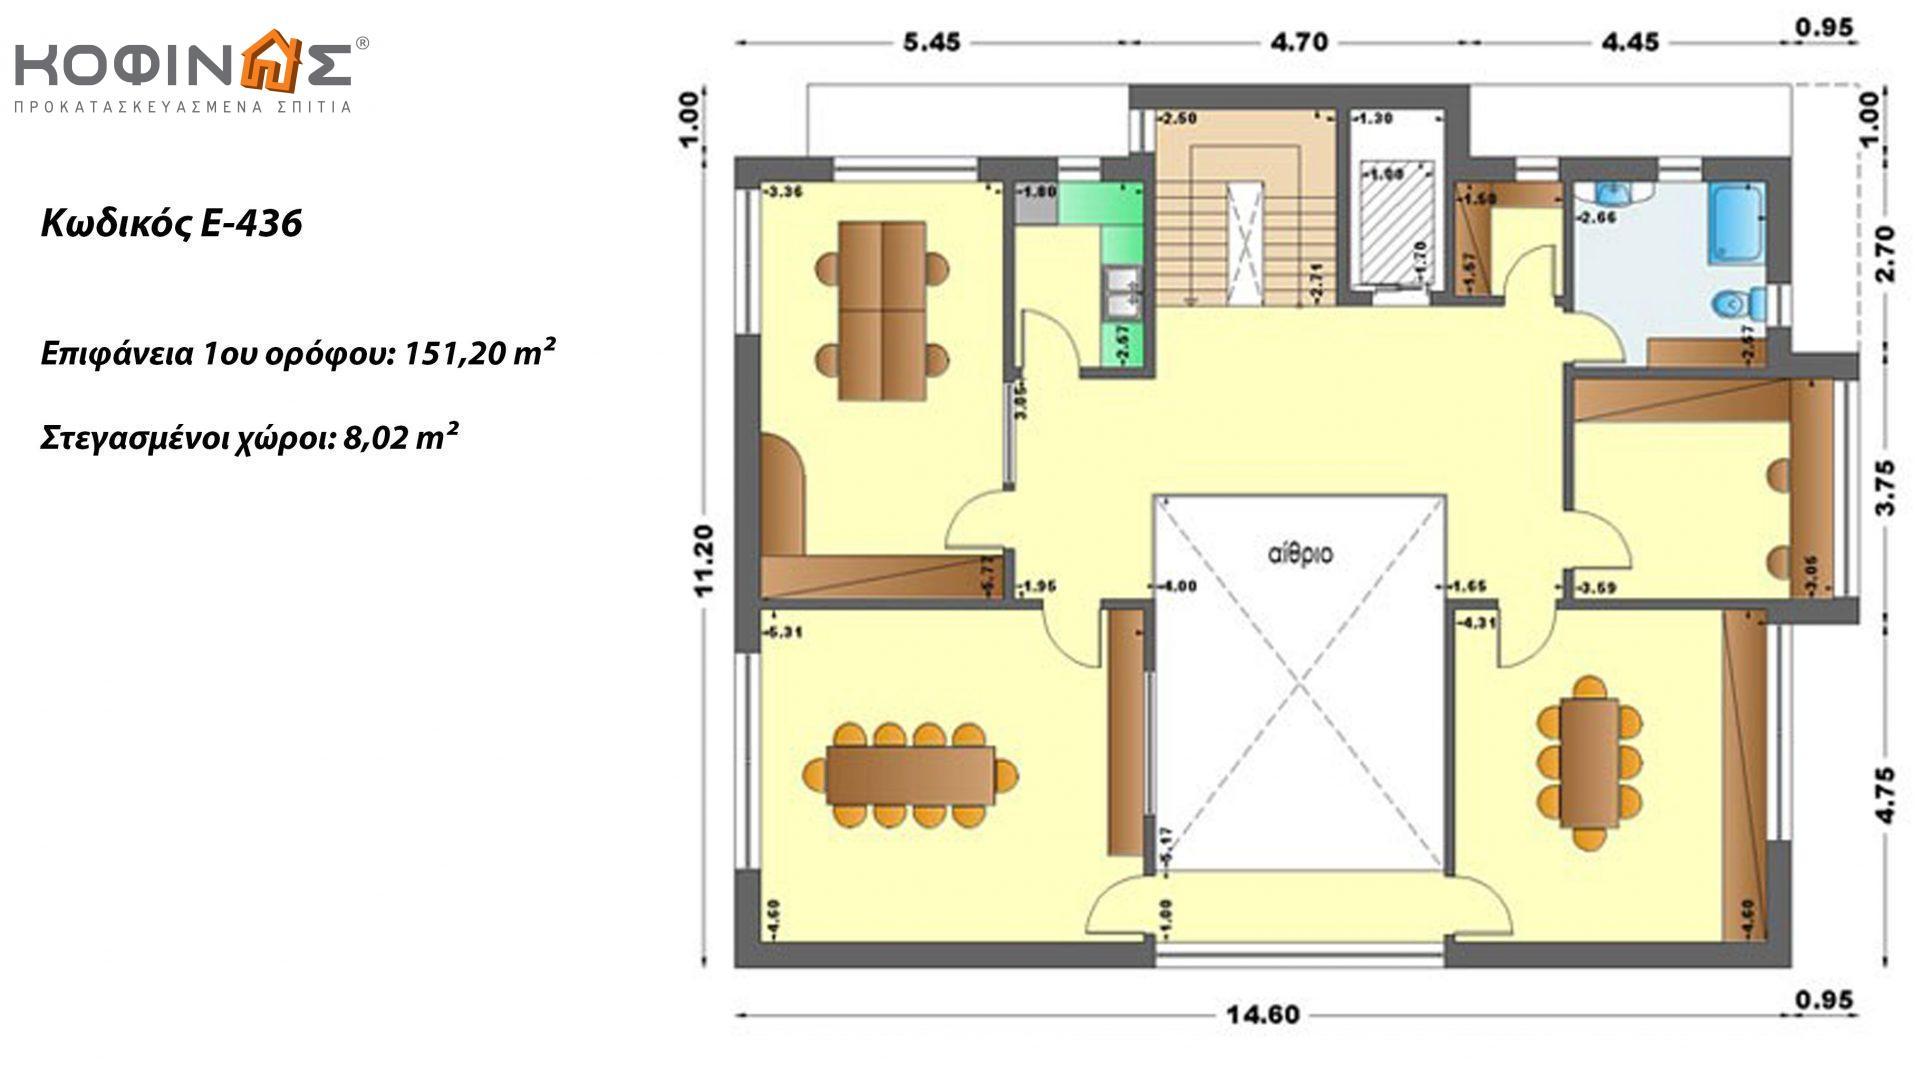 Τριώροφo Κτήριο Γραφείων με Αίθριο E-436, συνολικής επιφάνειας 436,30 τ.μ. ,συνολική επιφάνεια στεγασμένων χώρων 27,98 τ.μ.